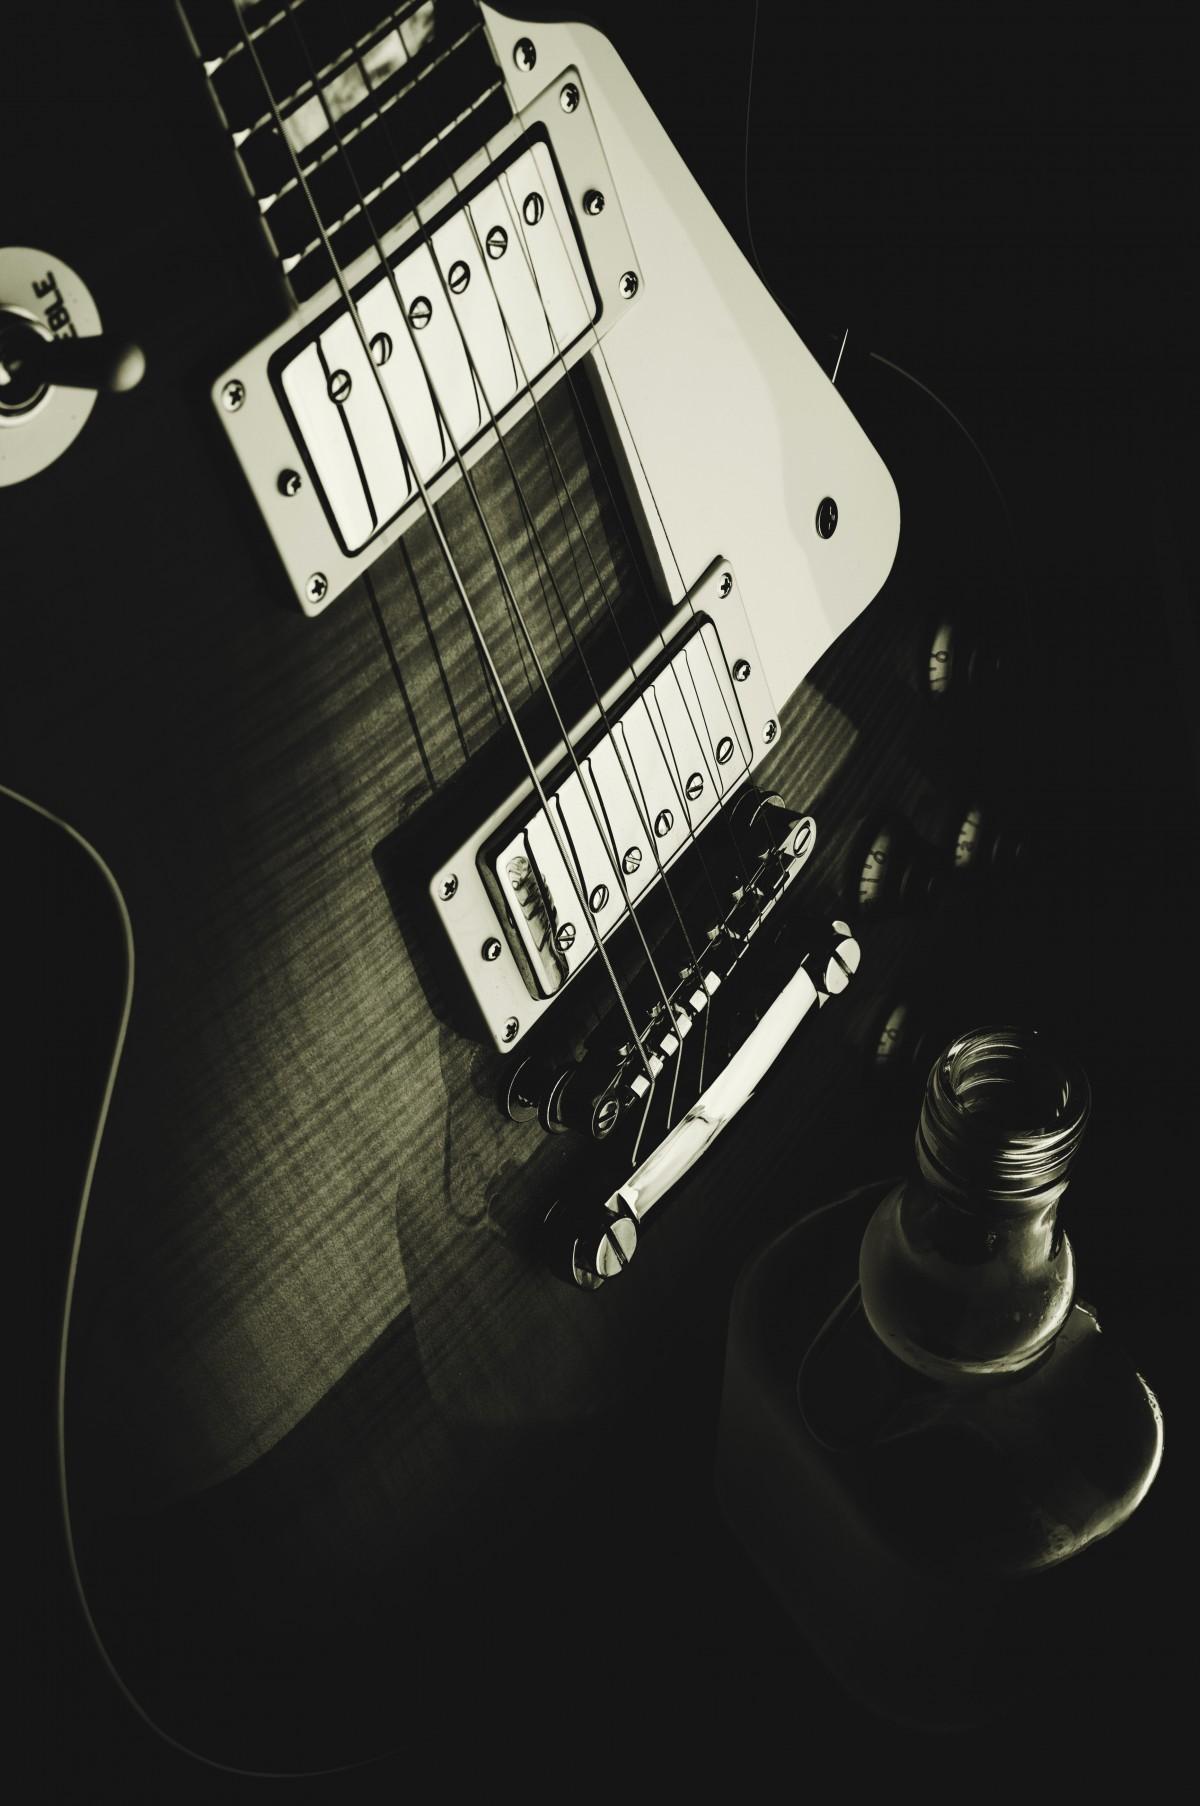 Préférence Images Gratuites : Roche, la musique, noir et blanc, guitare  NQ81